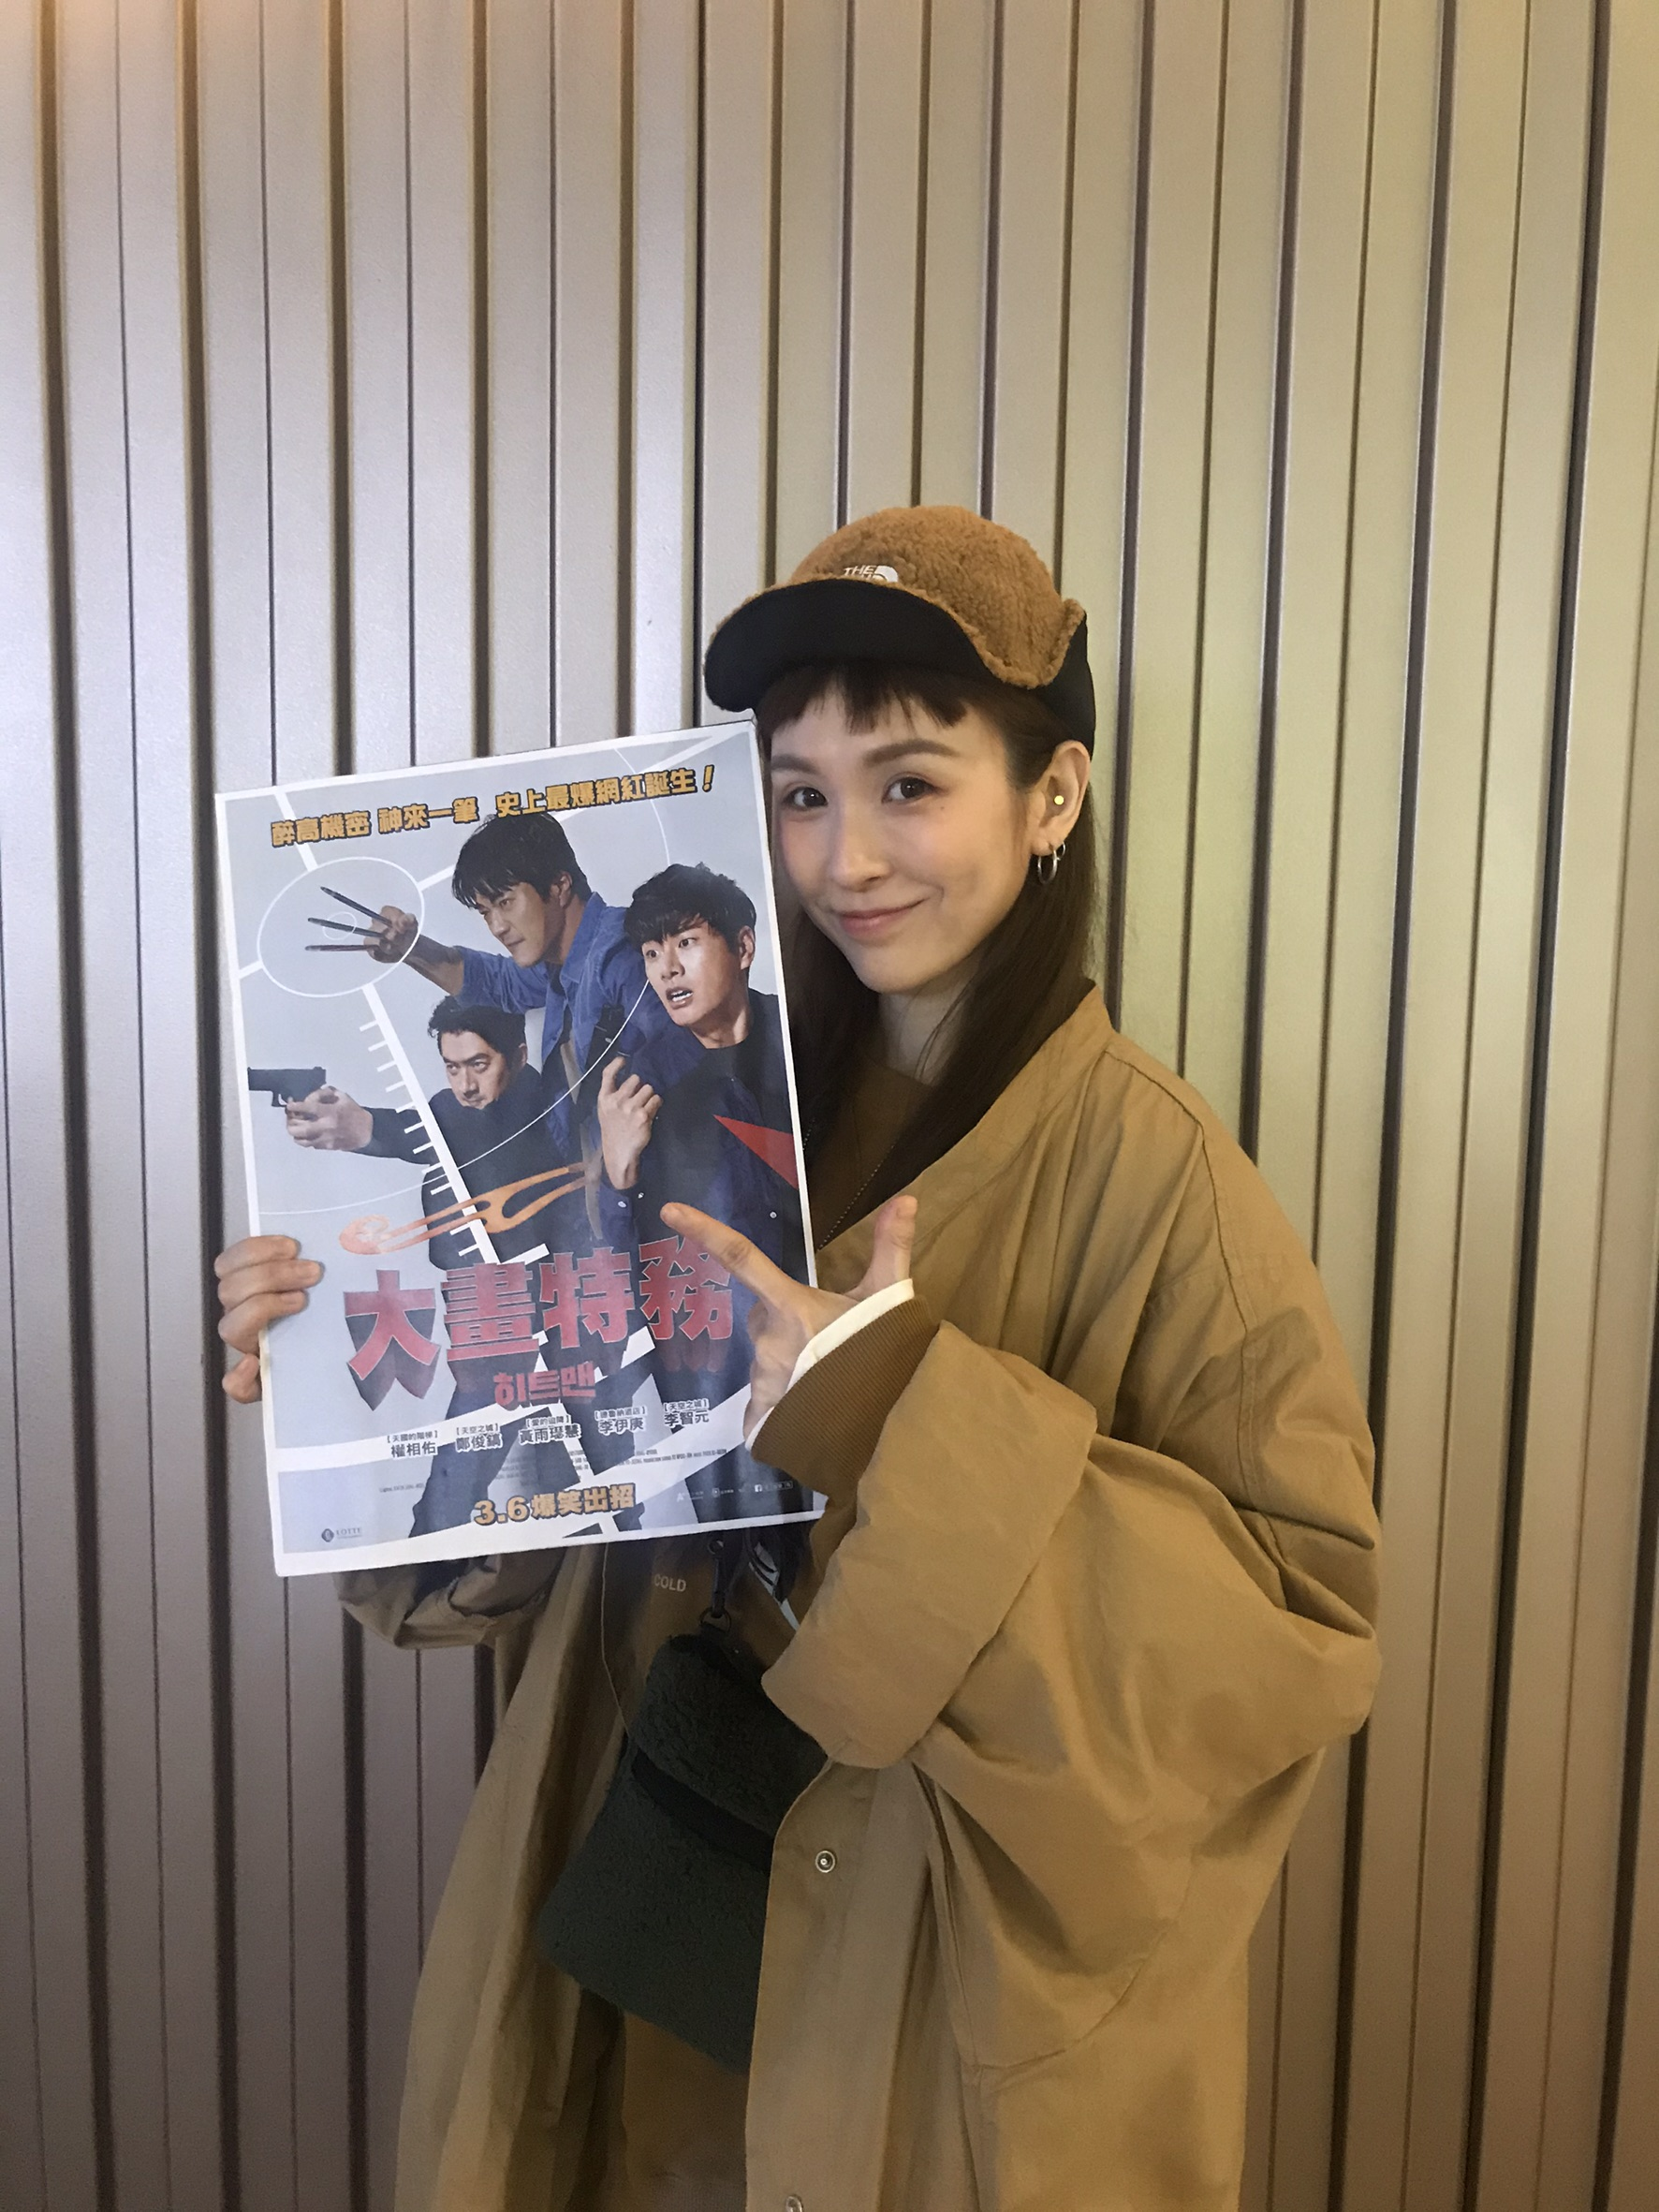 歌手魏如昀熱愛電影《大畫特務》,揚言絕對會衝二刷